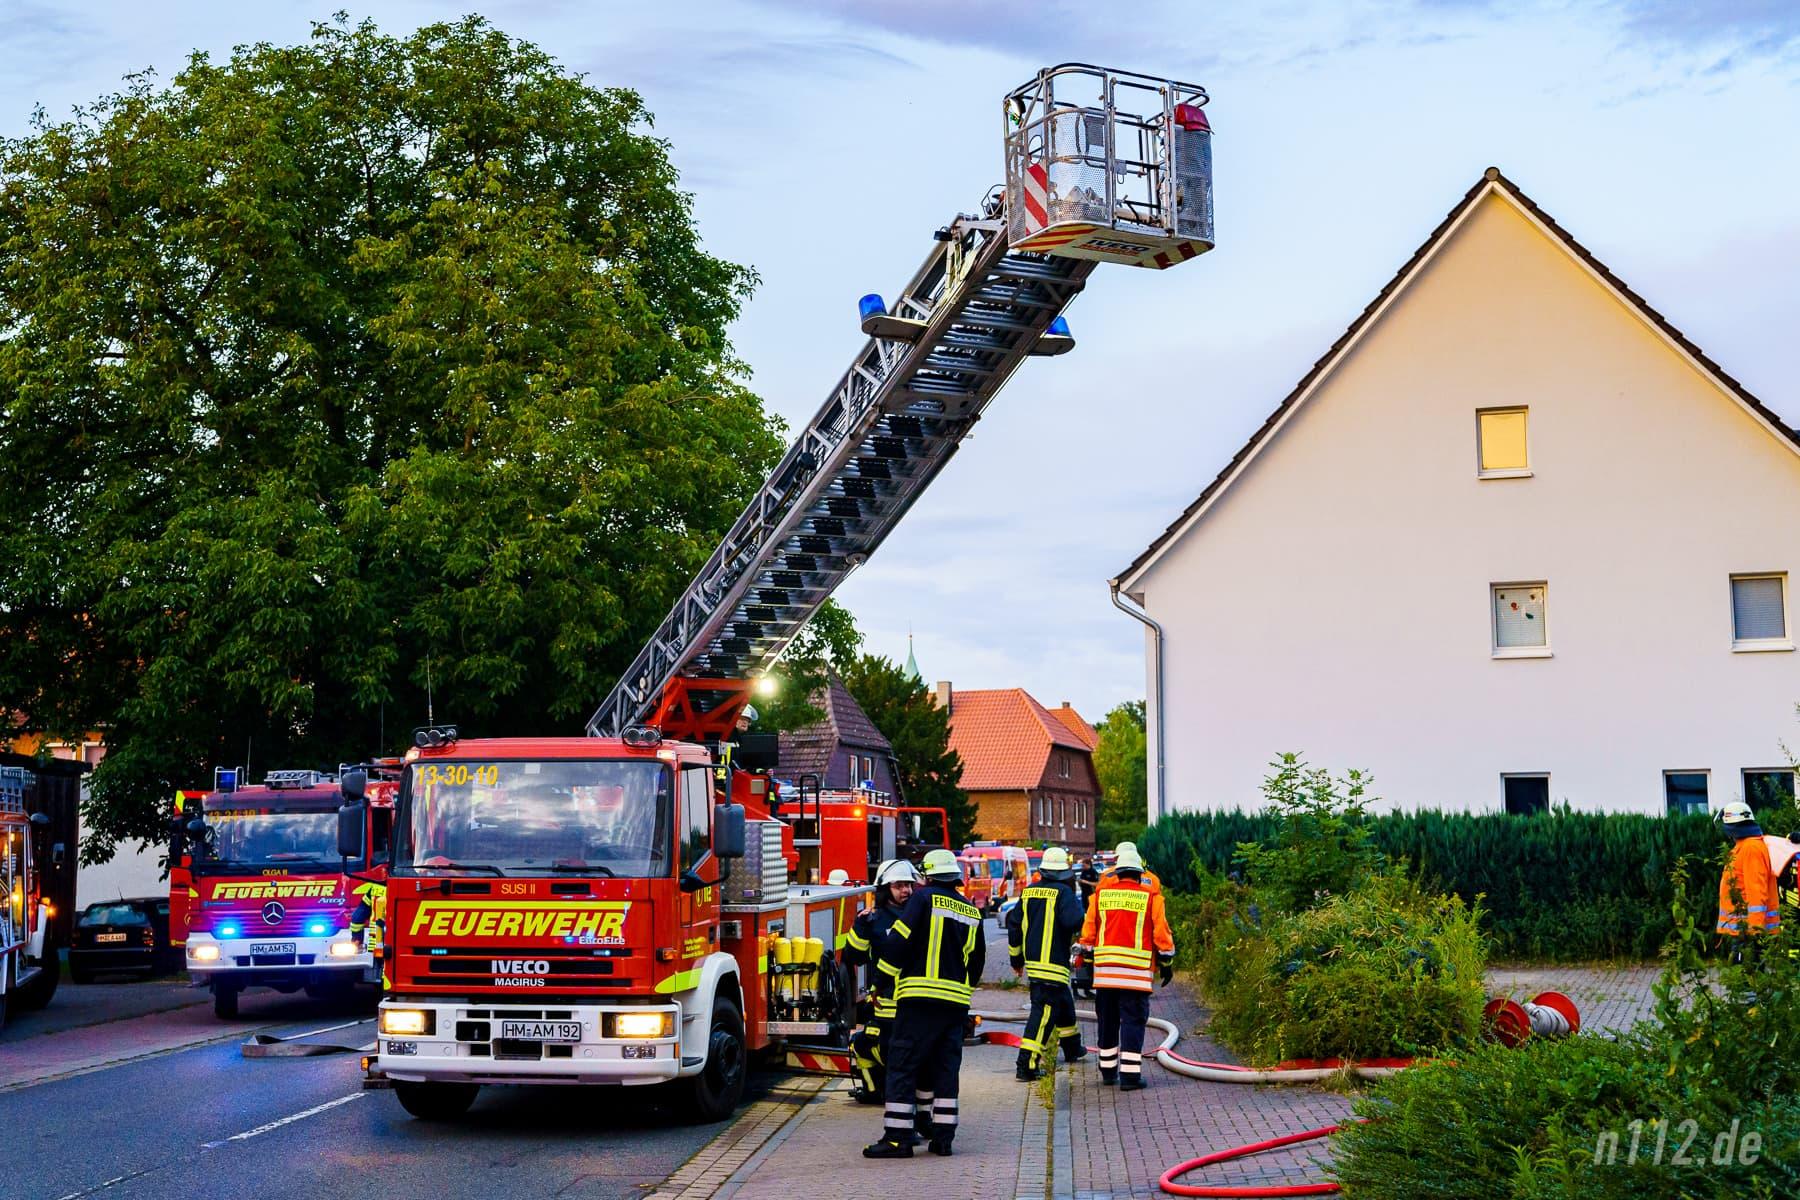 Die Drehleiter aus Bad Münder wurde an der Vorderseite aufgestellt (Foto: n112.de/Stefan Simonsen)